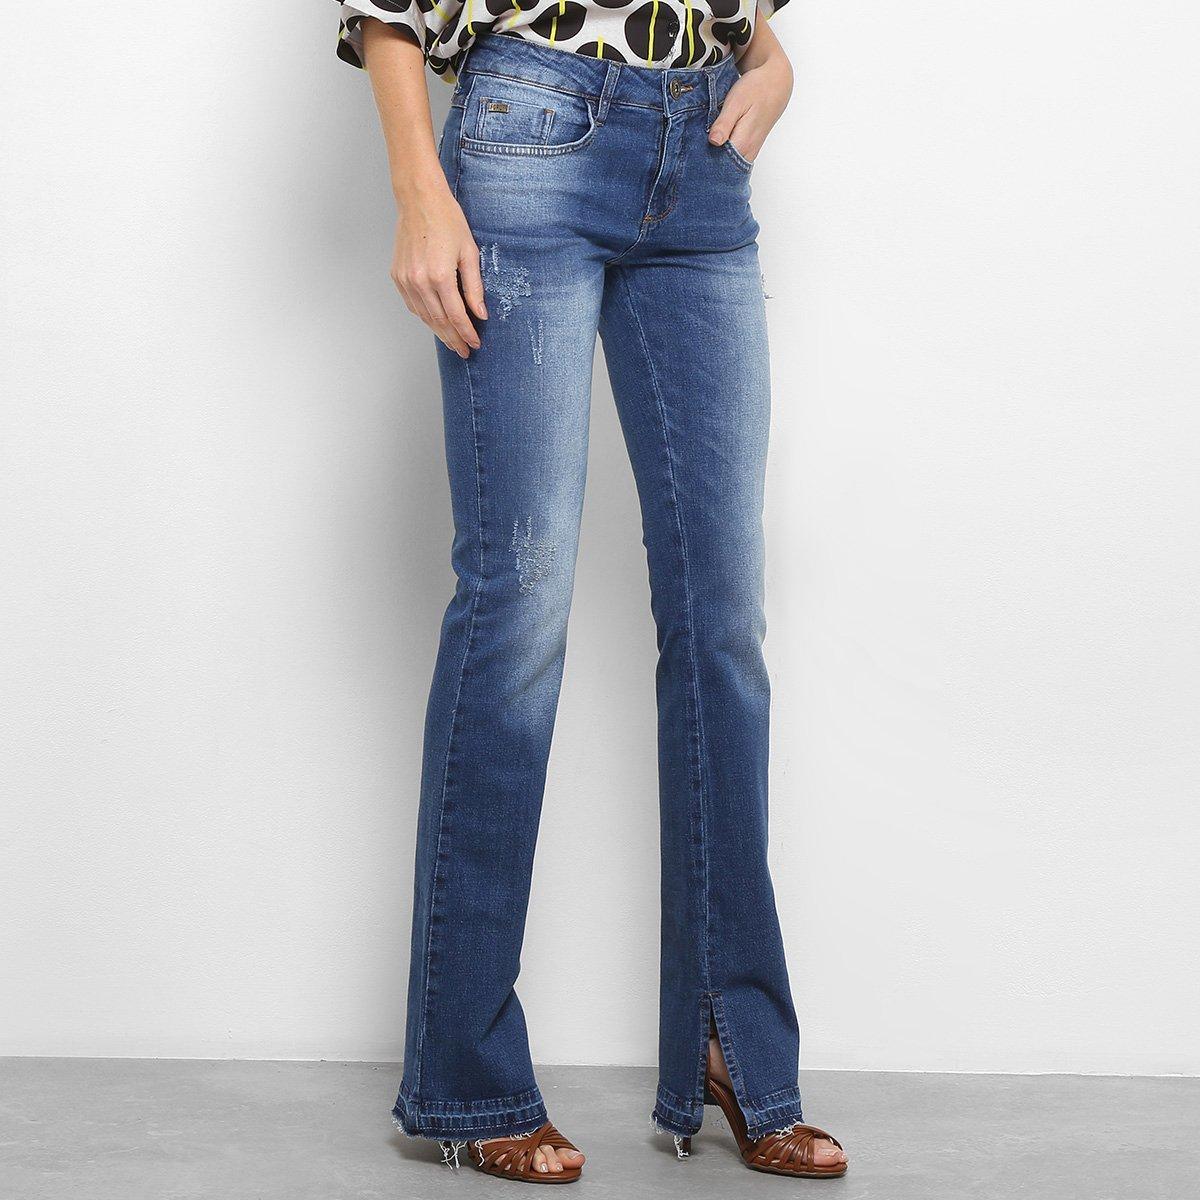 93f89e4a4 Calça Jeans Flare Forum Veronica Cintura Média Feminina - Jeans - Compre  Agora